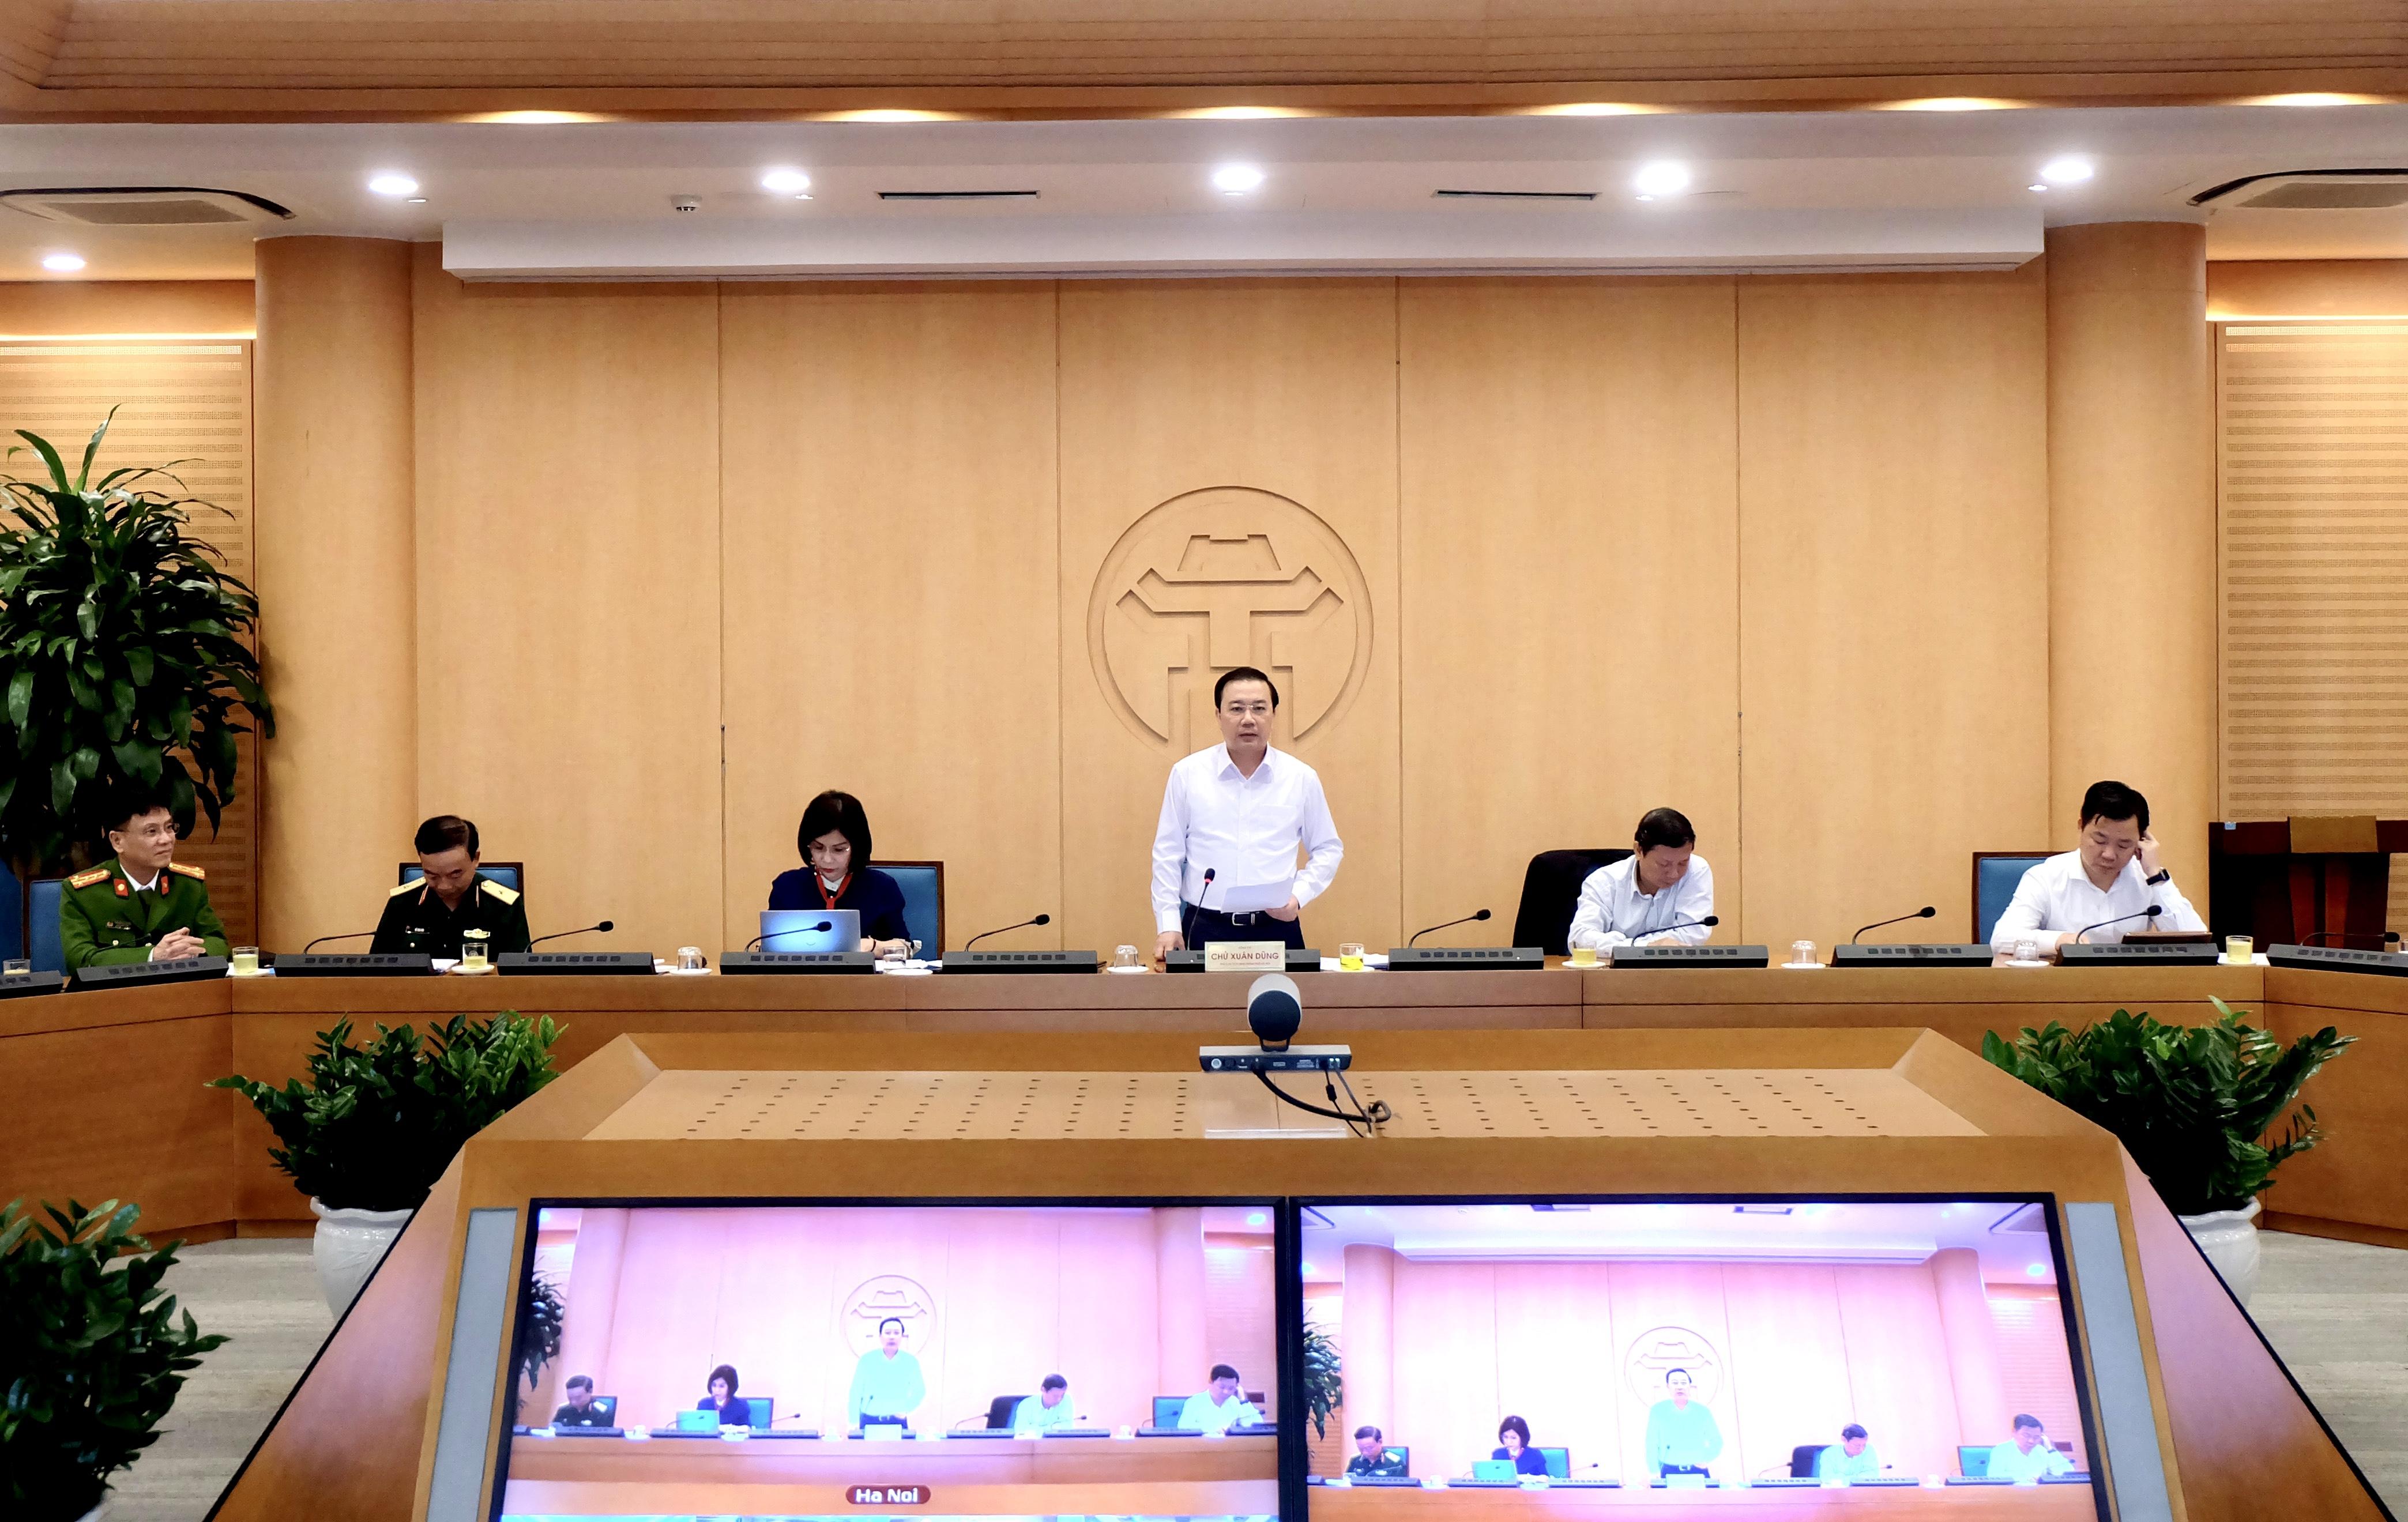 Hà Nội: Cho phép các tuyến xe liên tỉnh hoạt động trở lại bình thường